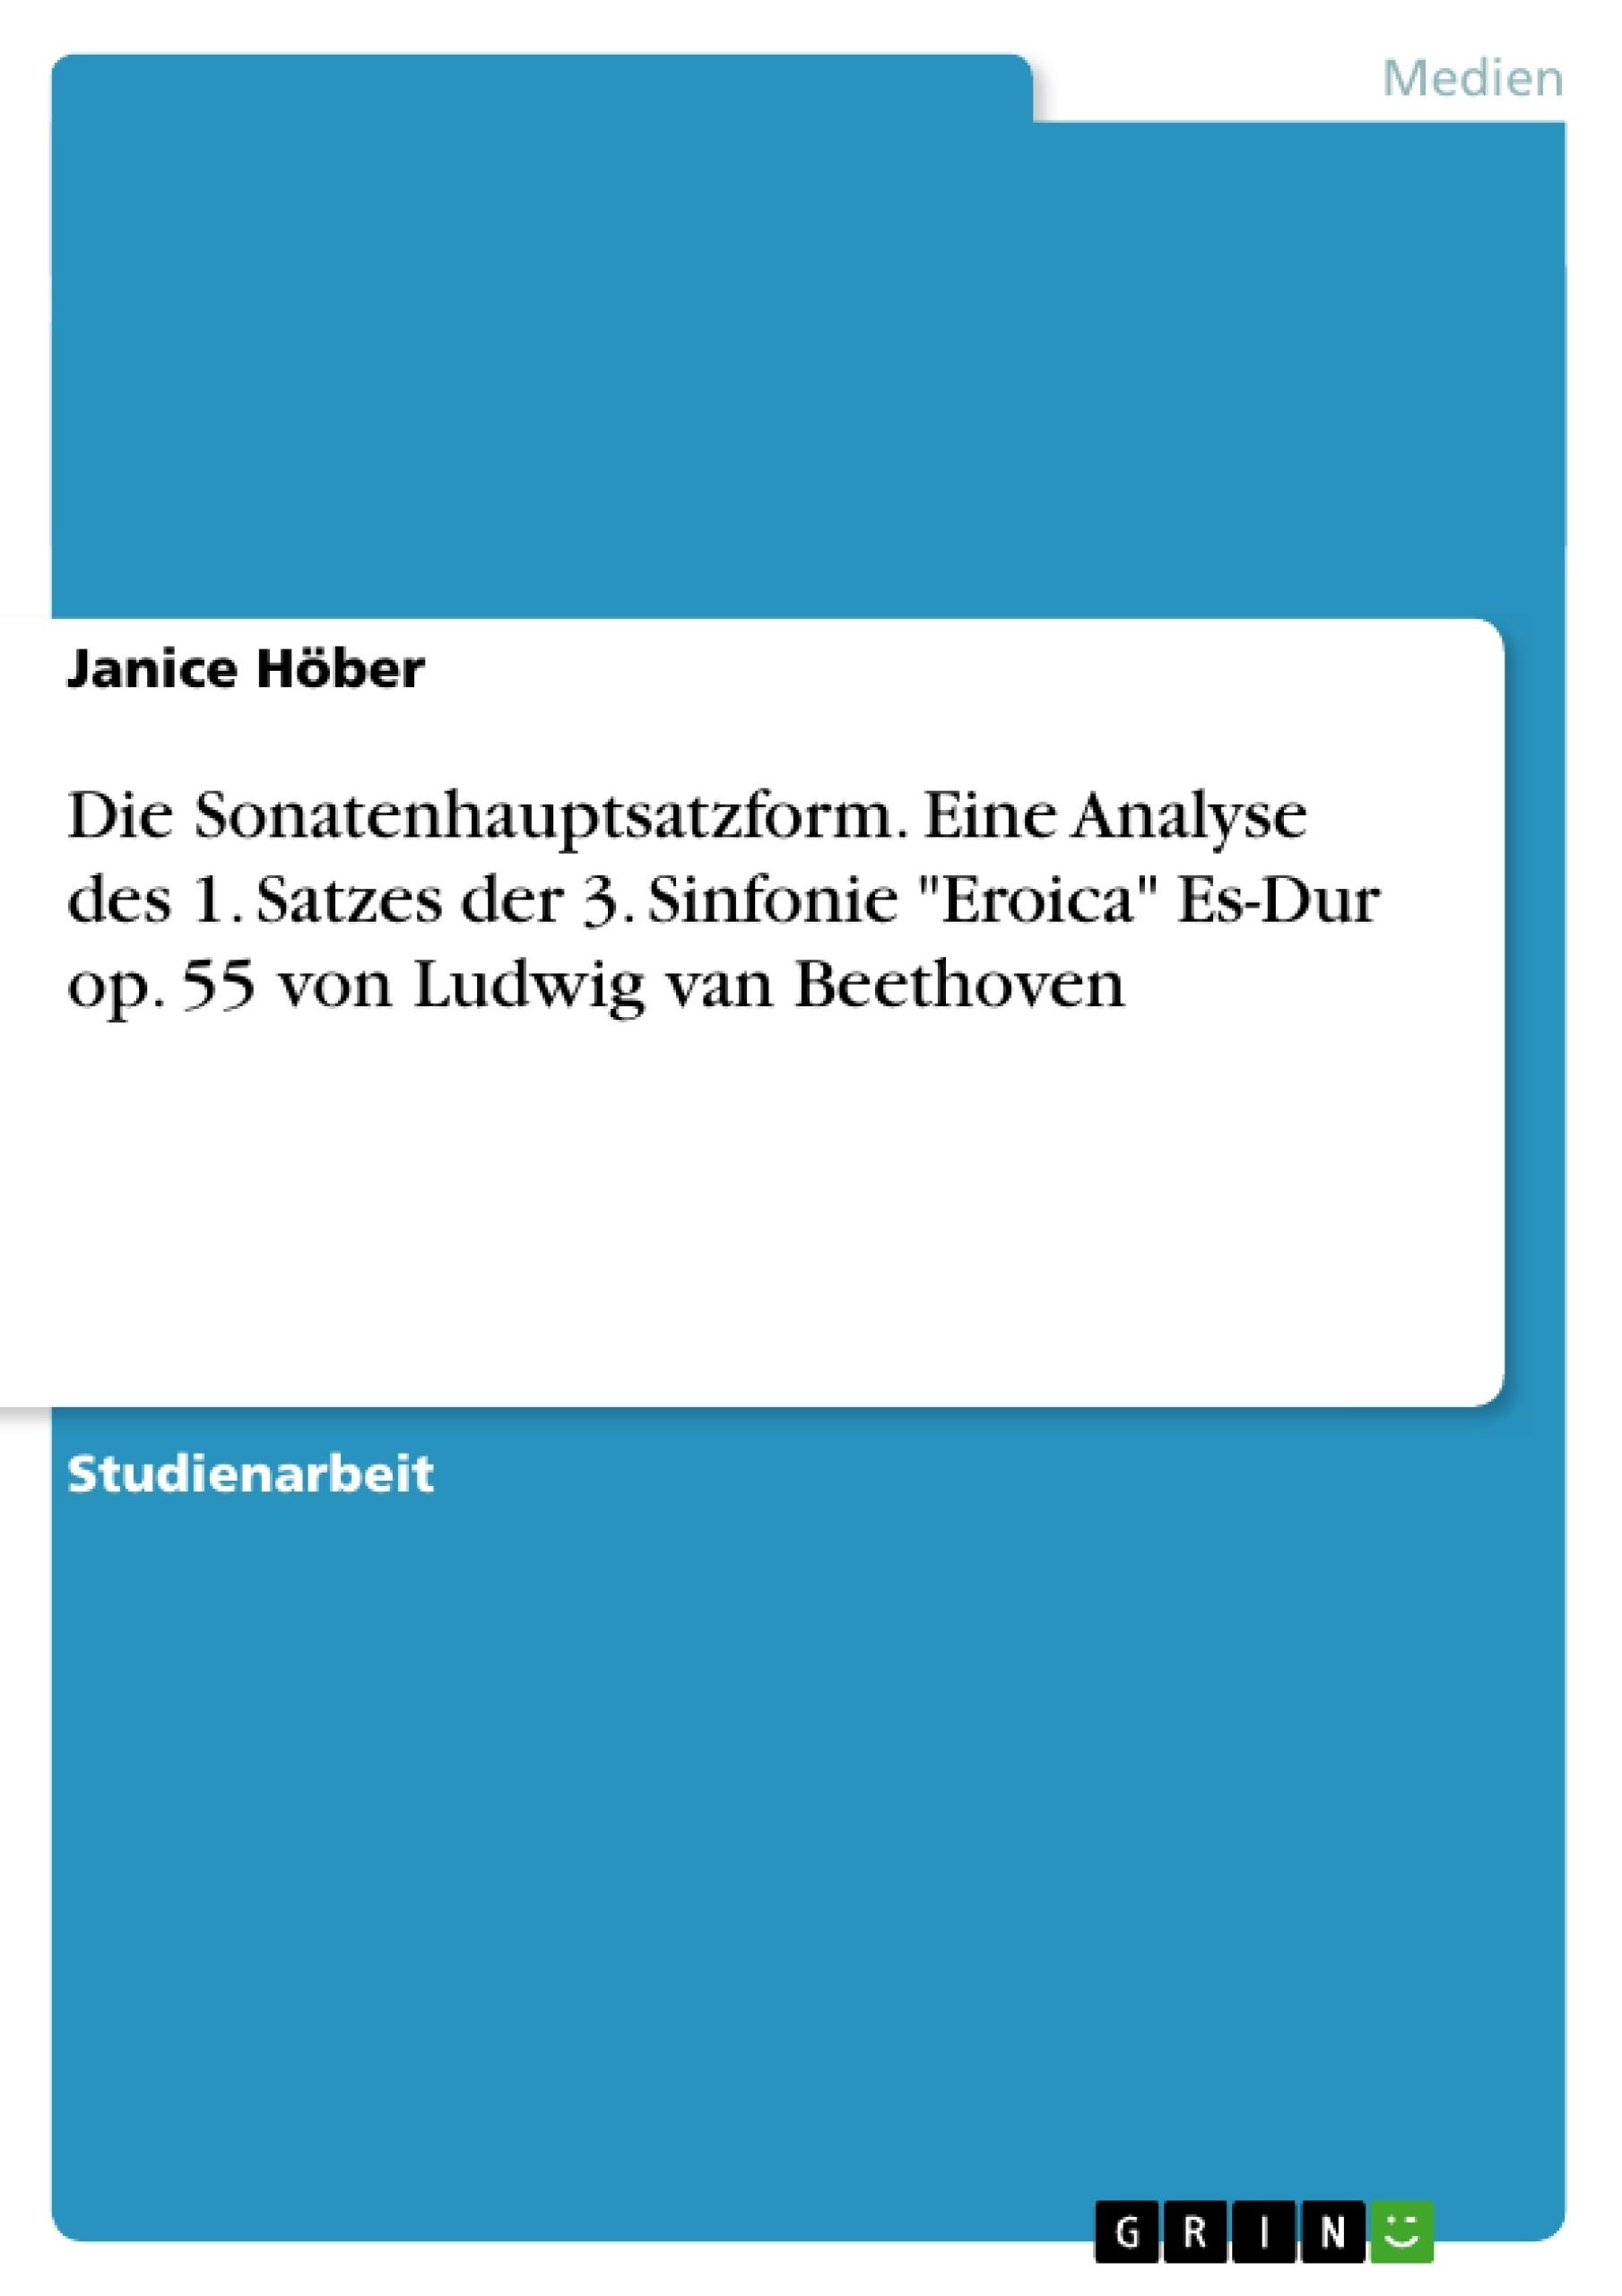 """Titel: Die Sonatenhauptsatzform. Eine Analyse des 1. Satzes der 3. Sinfonie """"Eroica"""" Es-Dur op. 55 von Ludwig van Beethoven"""